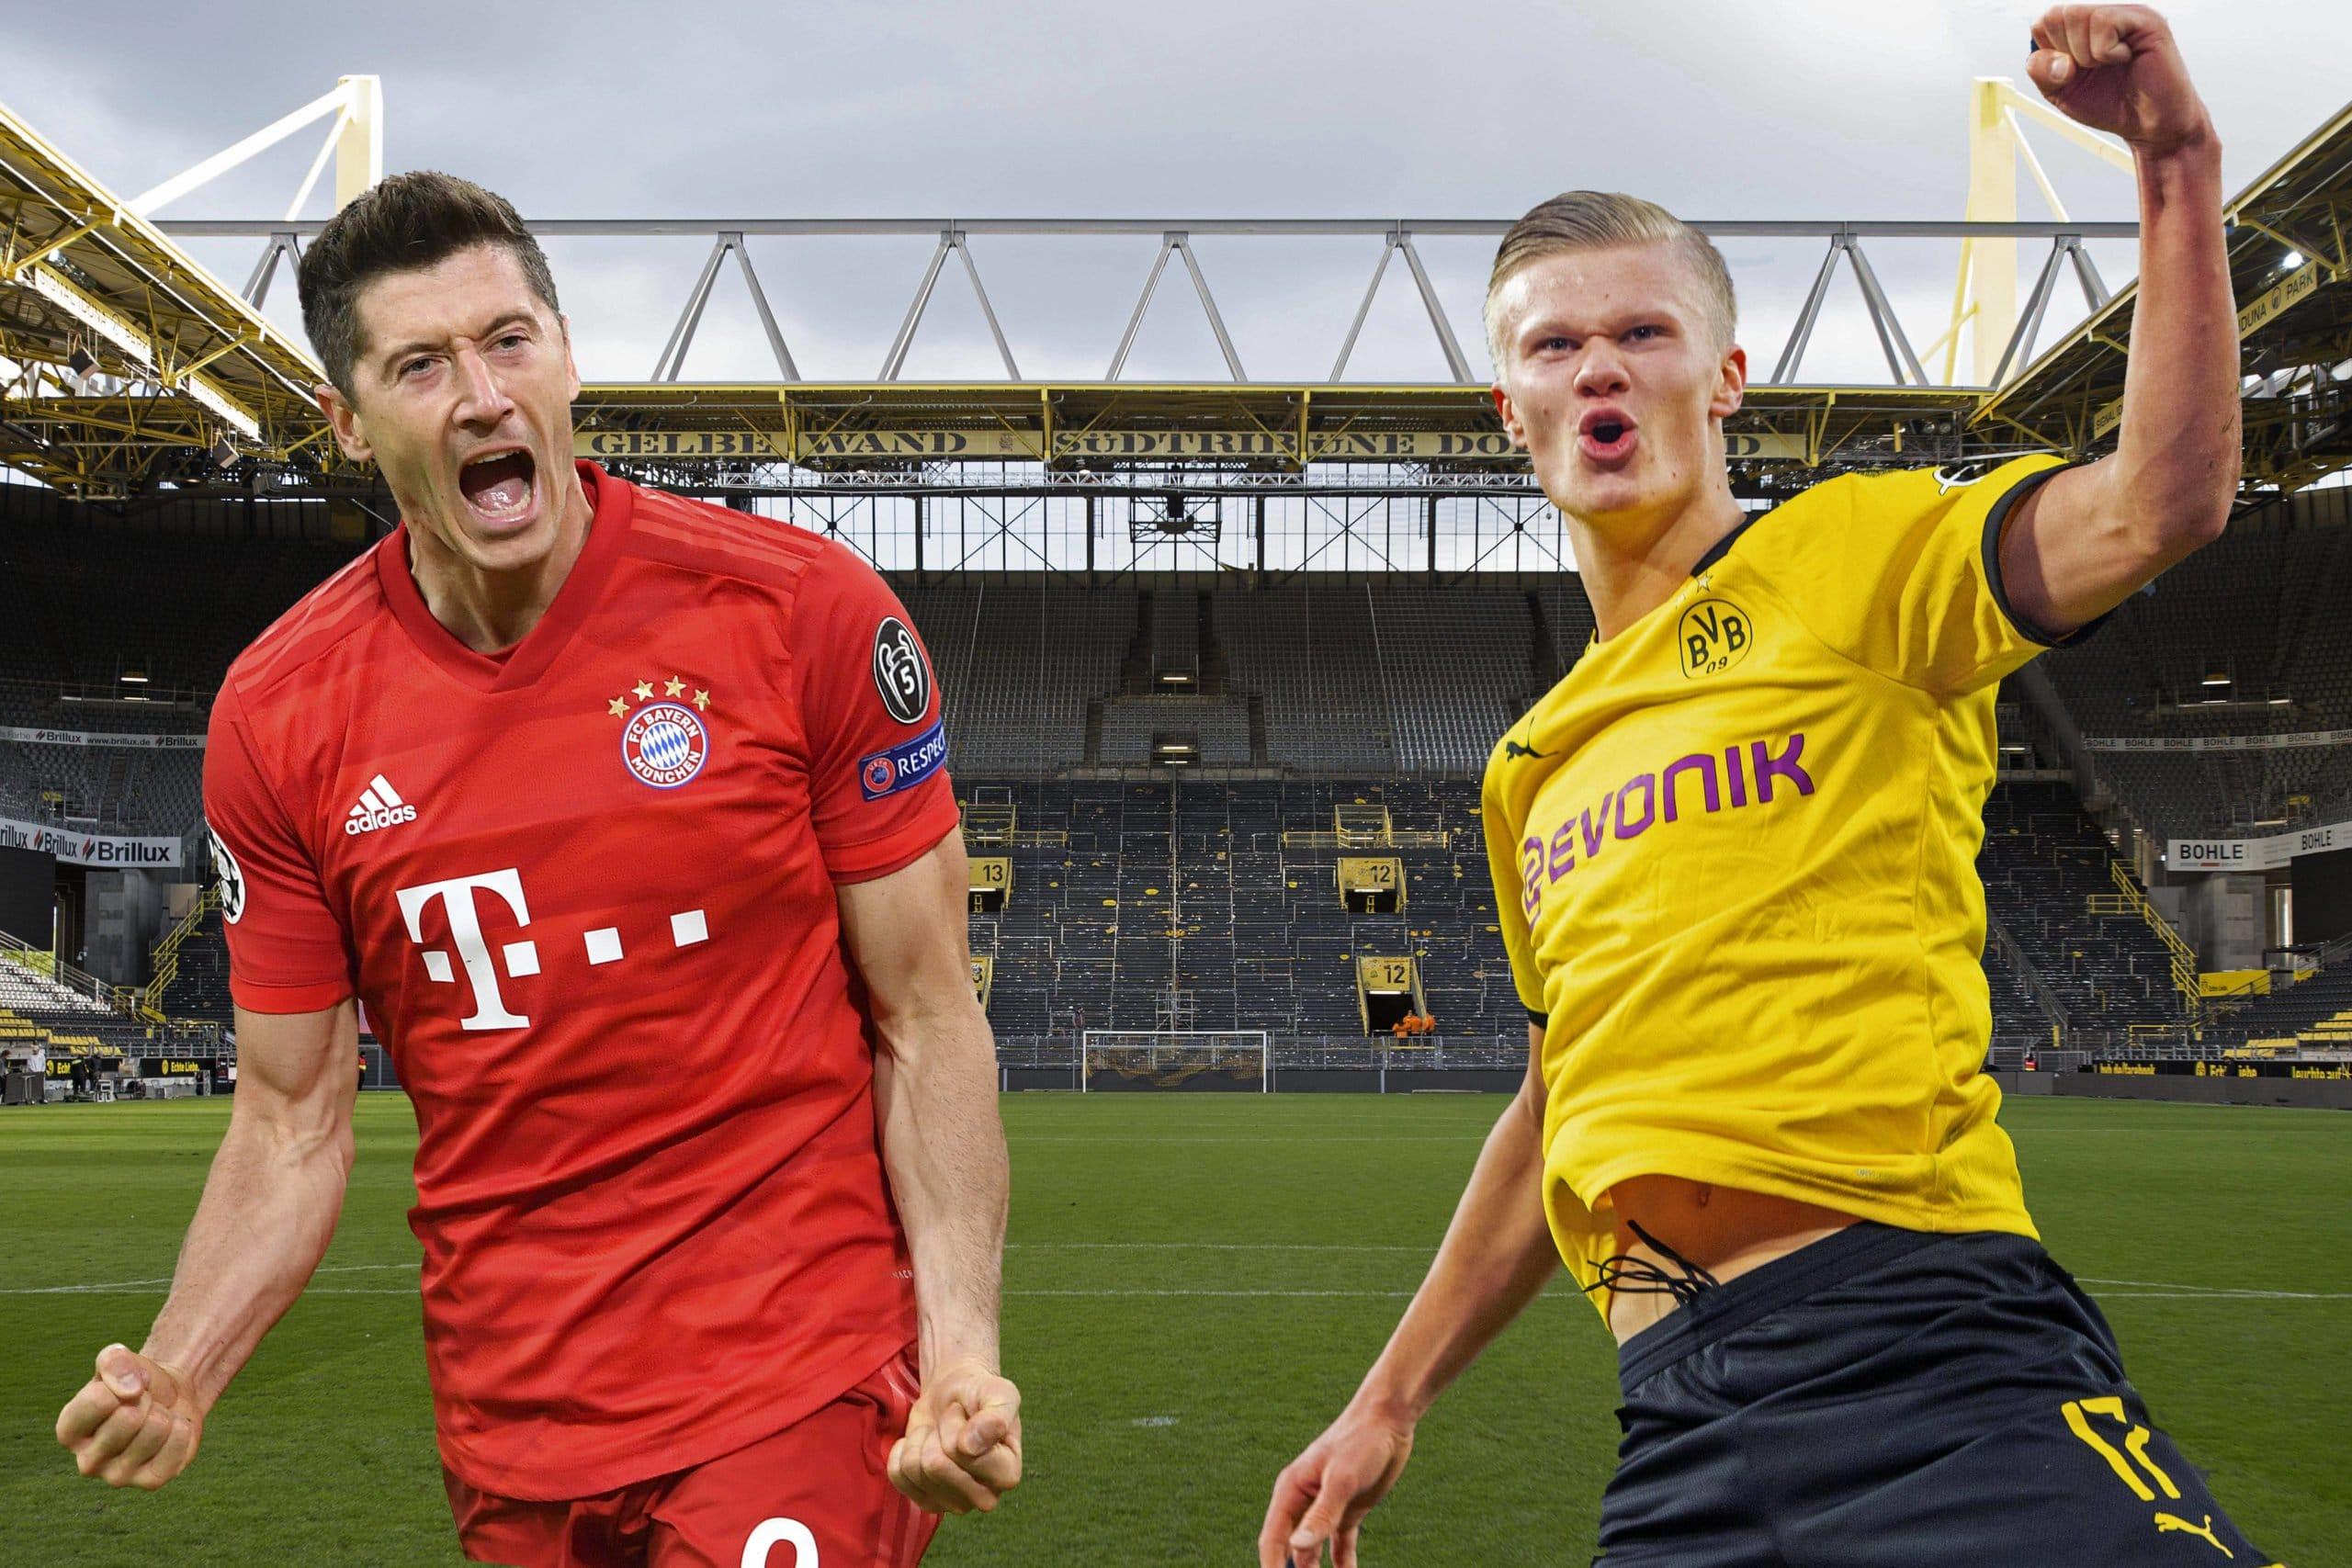 """Erling Haaland của Borussia Dortmund ca ngợi khả năng ghi bàn """"điên rồ"""" của Robert Lewandowski"""